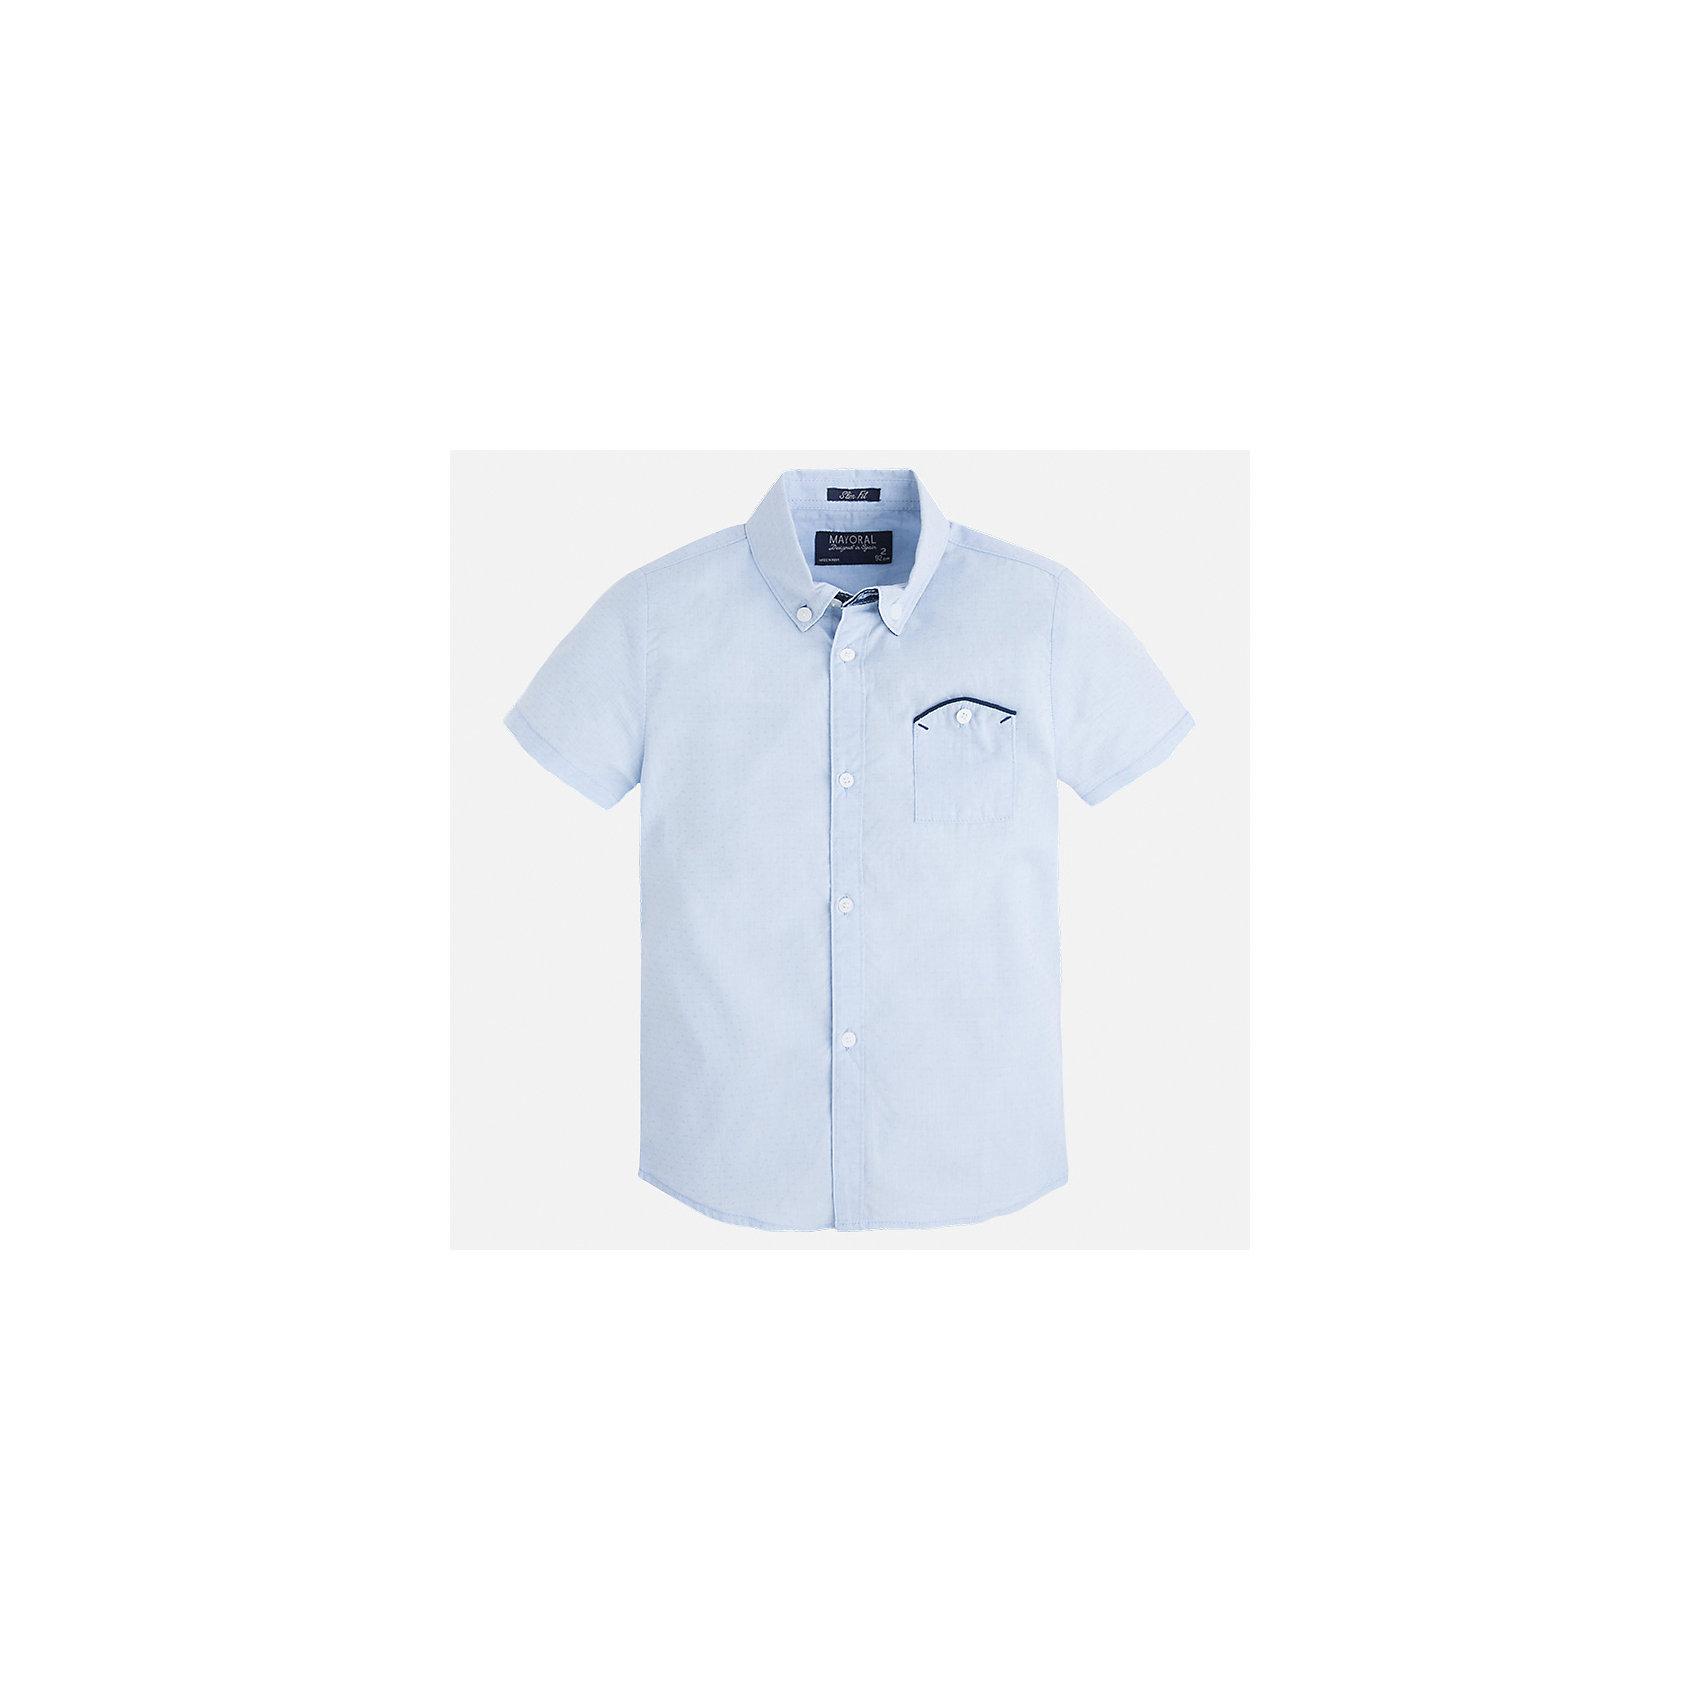 Рубашка для мальчика MayoralБлузки и рубашки<br>Характеристики товара:<br><br>• цвет: голубой<br>• состав: 100% хлопок<br>• отложной воротник<br>• короткие рукава<br>• застежка: пуговицы<br>• карман на груди<br>• страна бренда: Испания<br><br>Стильная рубашка для мальчика может стать базовой вещью в гардеробе ребенка. Она отлично сочетается с брюками, шортами, джинсами и т.д. Универсальный крой и цвет позволяет подобрать к вещи низ разных расцветок. Практичное и стильное изделие! В составе материала - только натуральный хлопок, гипоаллергенный, приятный на ощупь, дышащий.<br><br>Одежда, обувь и аксессуары от испанского бренда Mayoral полюбились детям и взрослым по всему миру. Модели этой марки - стильные и удобные. Для их производства используются только безопасные, качественные материалы и фурнитура. Порадуйте ребенка модными и красивыми вещами от Mayoral! <br><br>Рубашку для мальчика от испанского бренда Mayoral (Майорал) можно купить в нашем интернет-магазине.<br><br>Ширина мм: 174<br>Глубина мм: 10<br>Высота мм: 169<br>Вес г: 157<br>Цвет: голубой<br>Возраст от месяцев: 18<br>Возраст до месяцев: 24<br>Пол: Мужской<br>Возраст: Детский<br>Размер: 92,98,134,128,122,116,110,104<br>SKU: 5272225